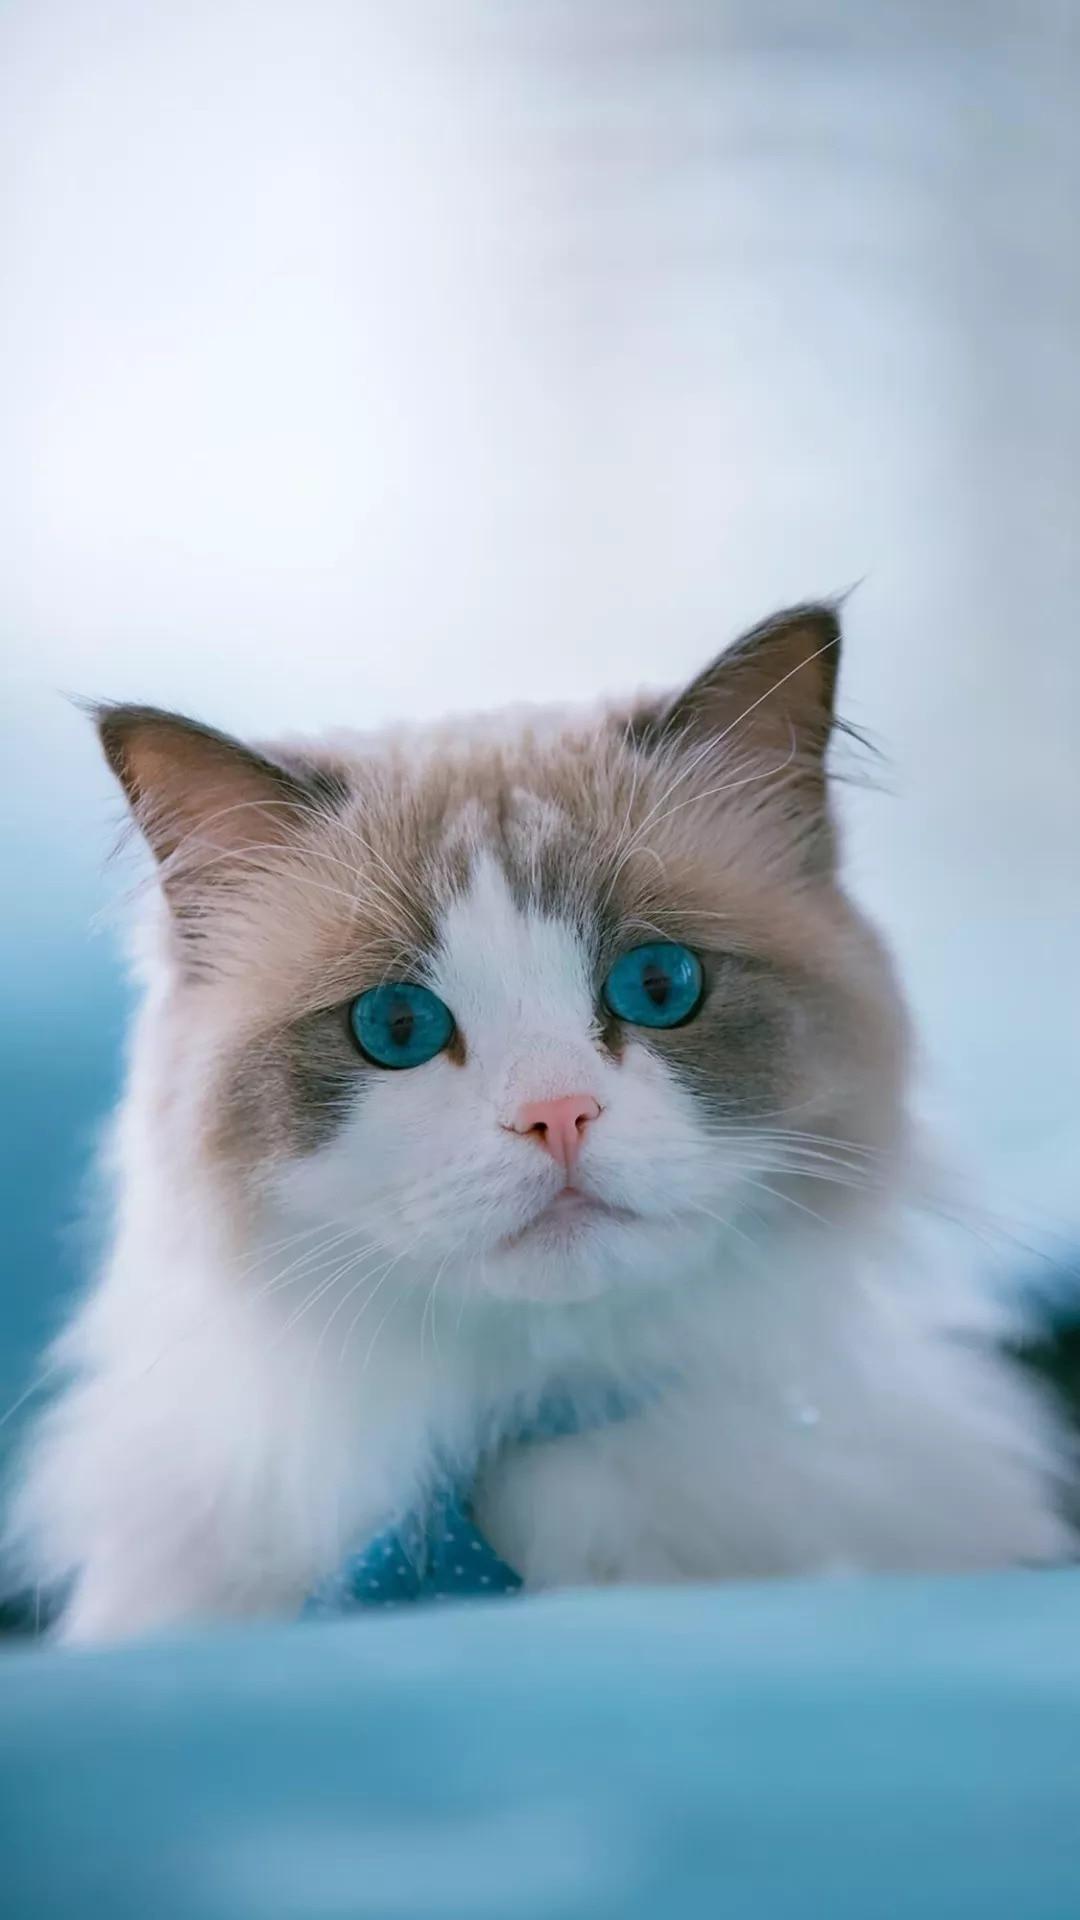 猫片壁纸 :生活不断拍打我们的脸皮,最后不是脸皮厚了,是肿了!插图47